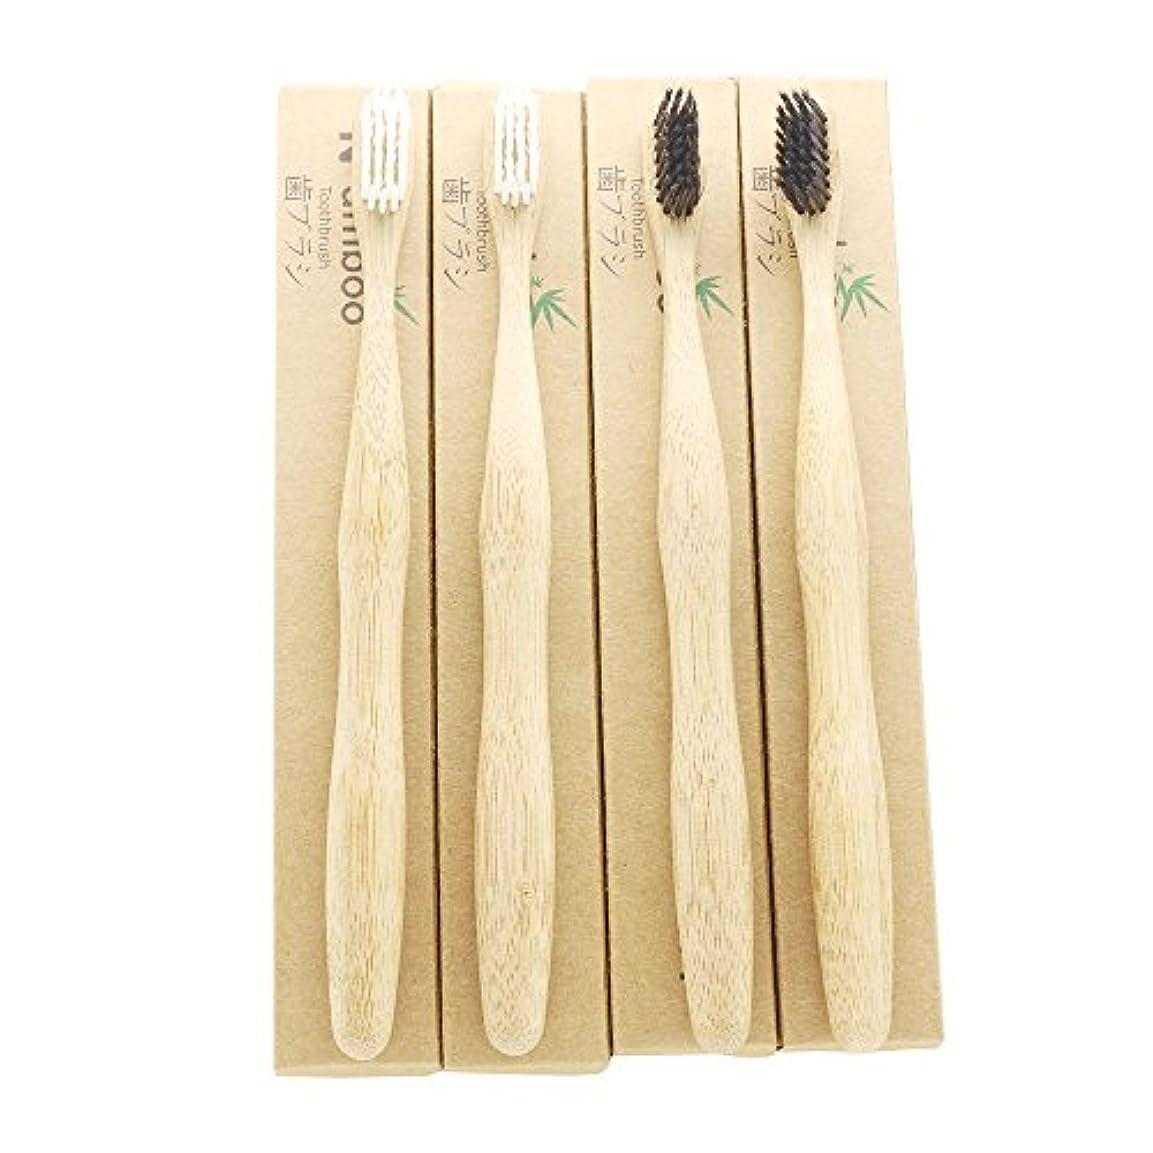 ブロートマトつなぐN-amboo 竹製 歯ブラシ 高耐久性 白と黒 セット エコ (4本)